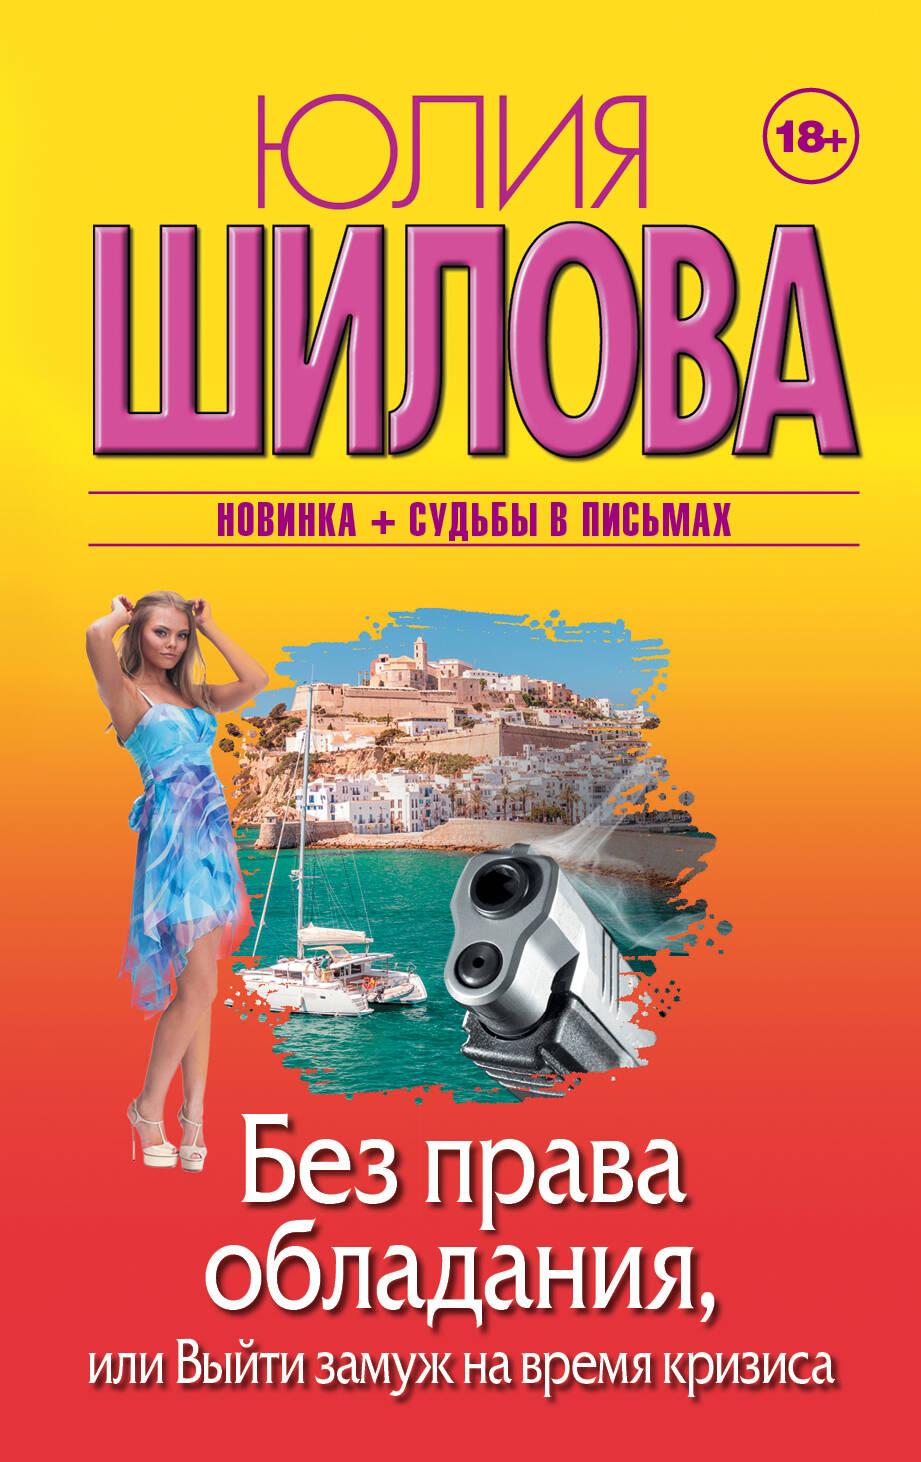 Юлия Шилова Без права обладания, или Выйду замуж на время кризиса шилова ю без права обладания или выйти замуж на время кризиса